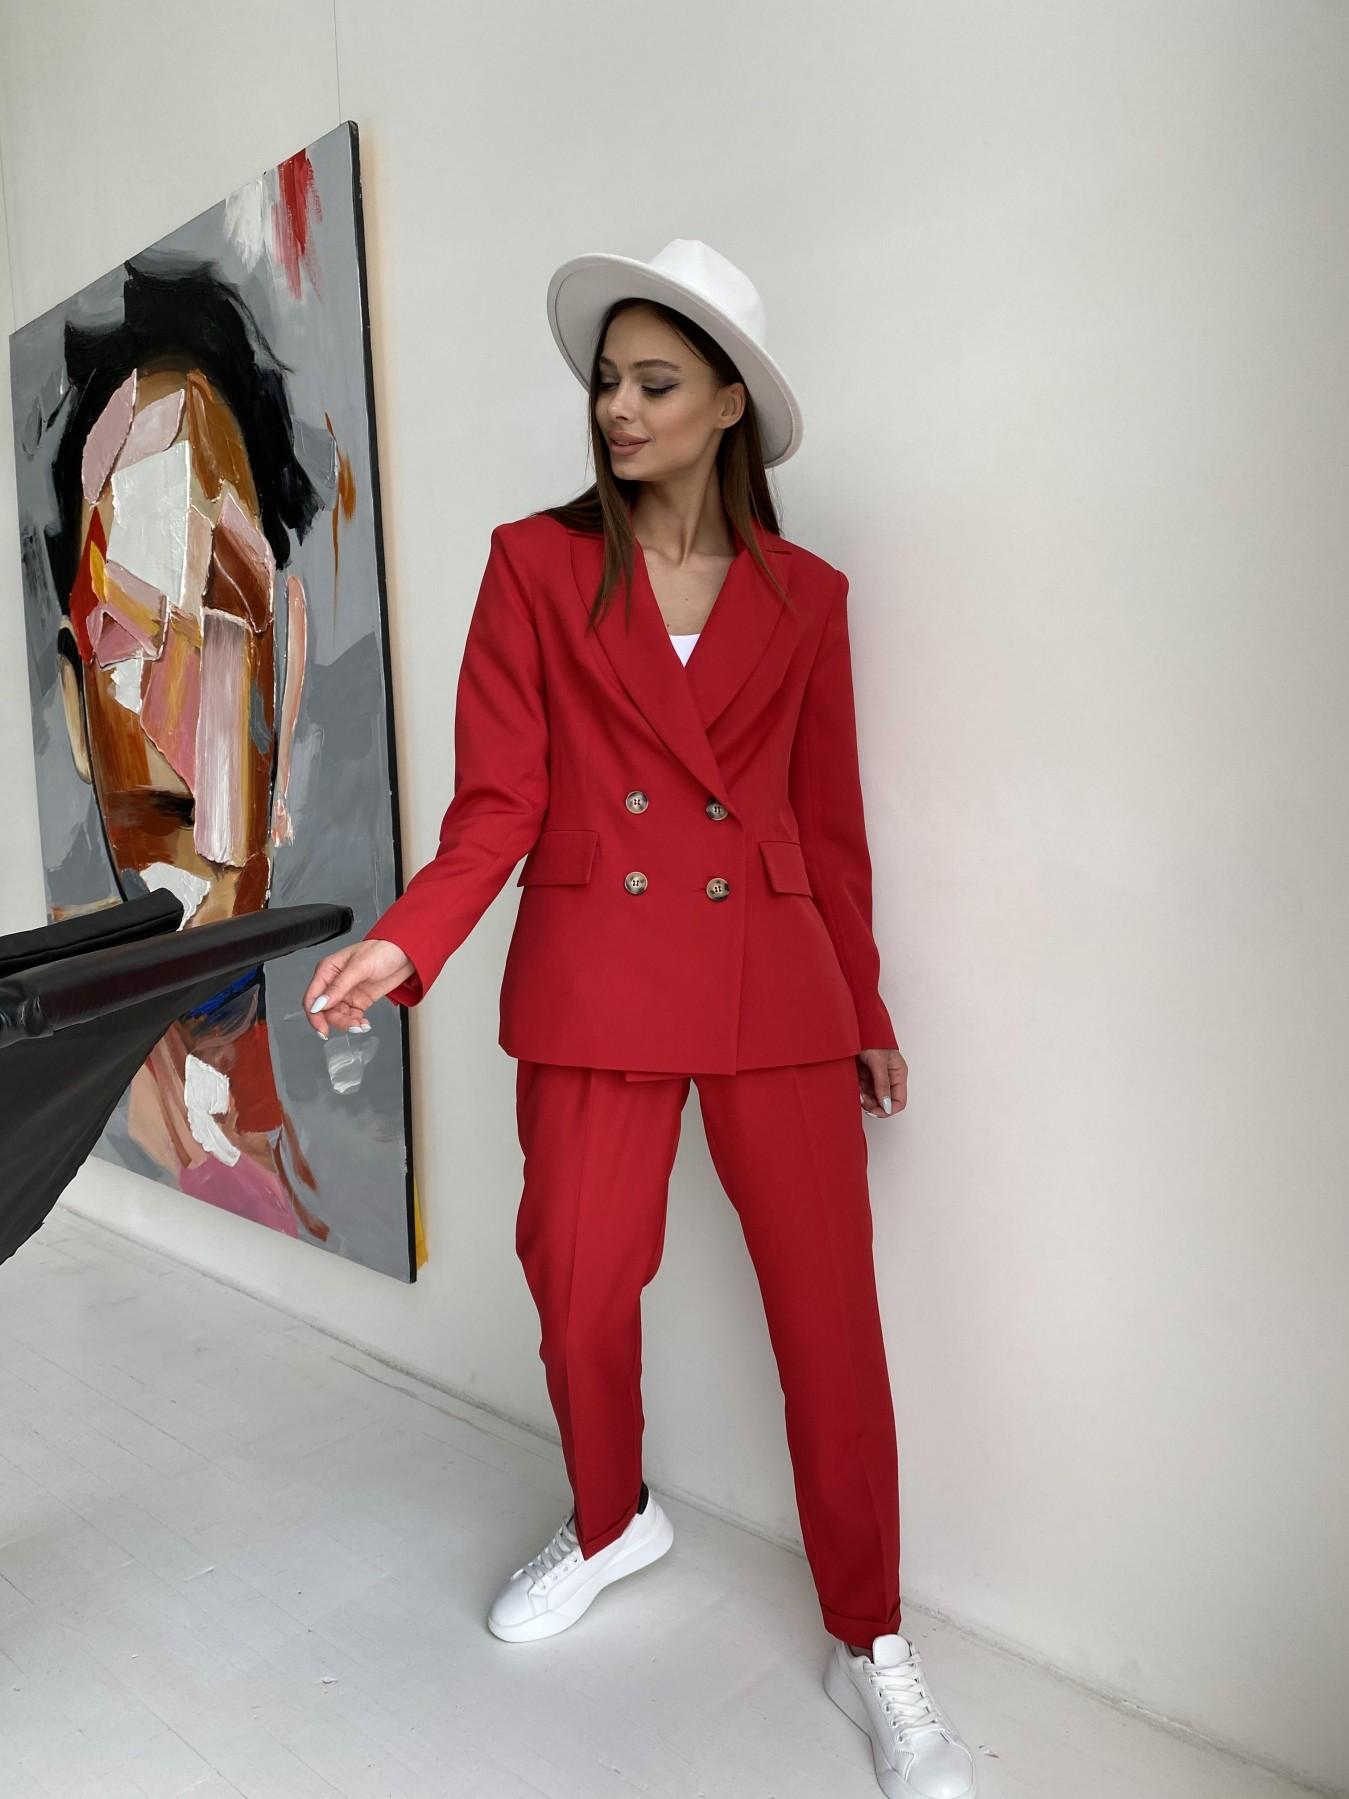 Франко костюм из костюмной ткани 11090 АРТ. 47798 Цвет: Красный - фото 3, интернет магазин tm-modus.ru